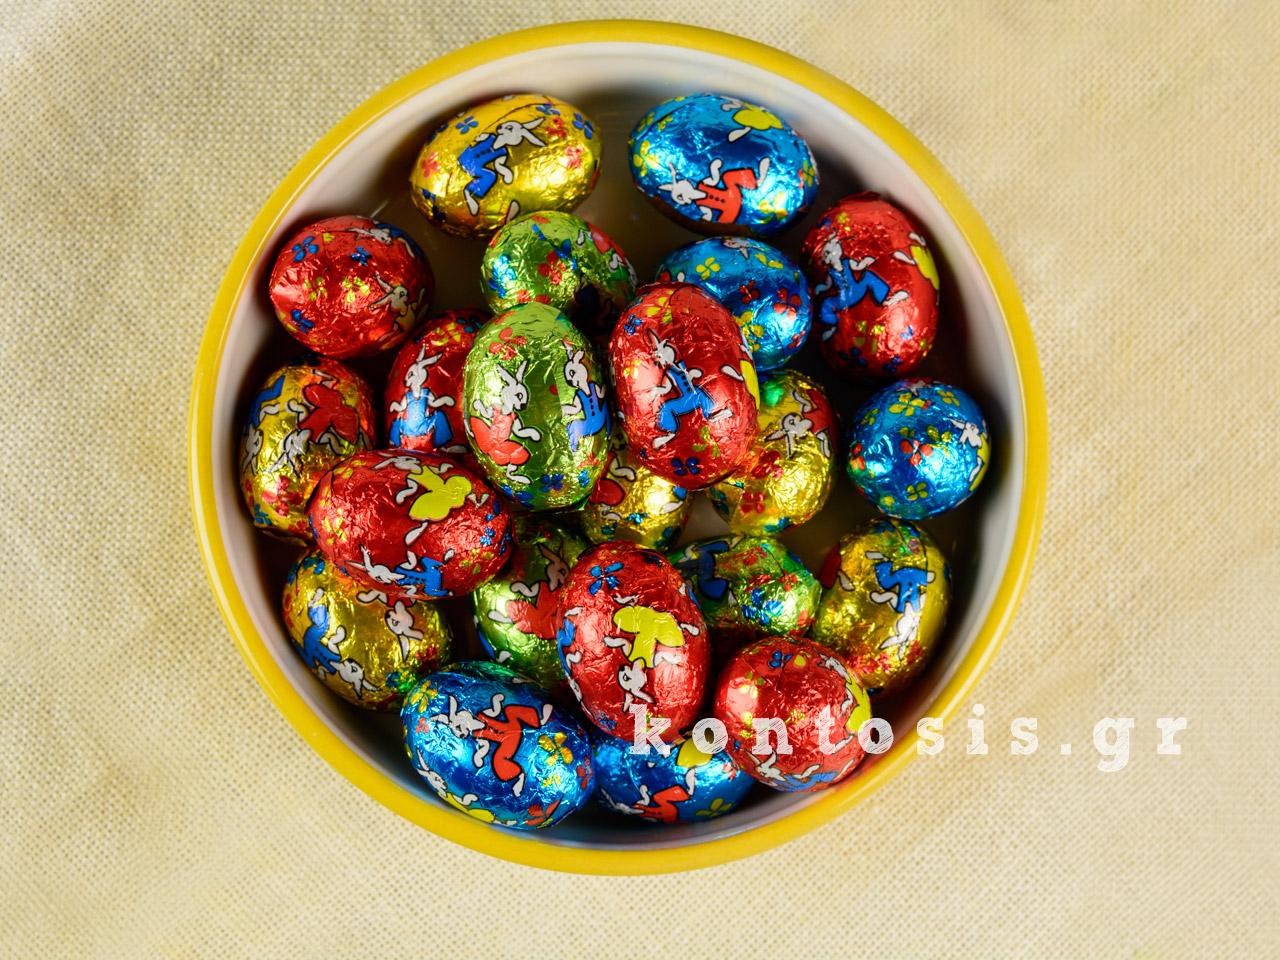 Σοκολατάκια αβγουλάκια sokolatakia avgoulakia